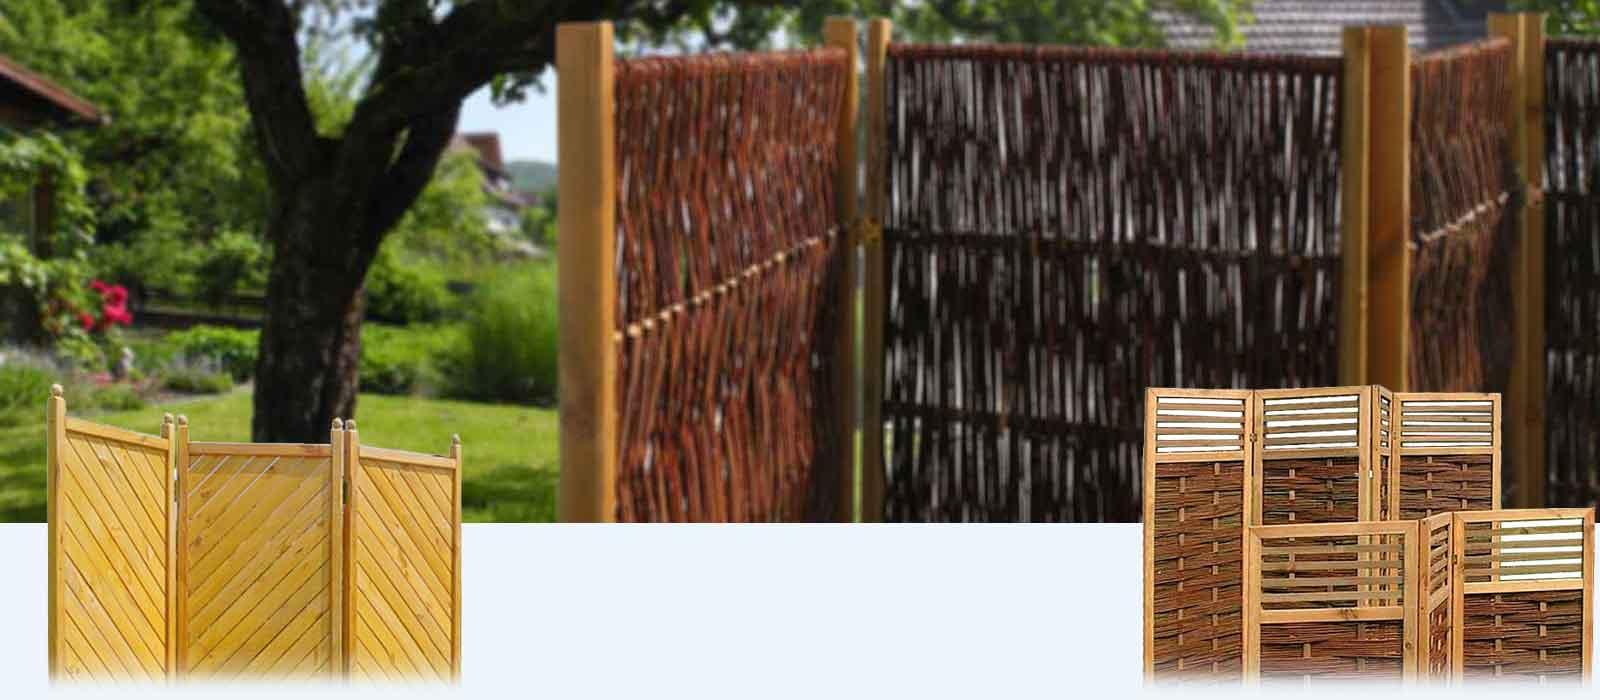 Sichtschutz Aus Weide Oder Bambus Kreative Ideen über Home Design